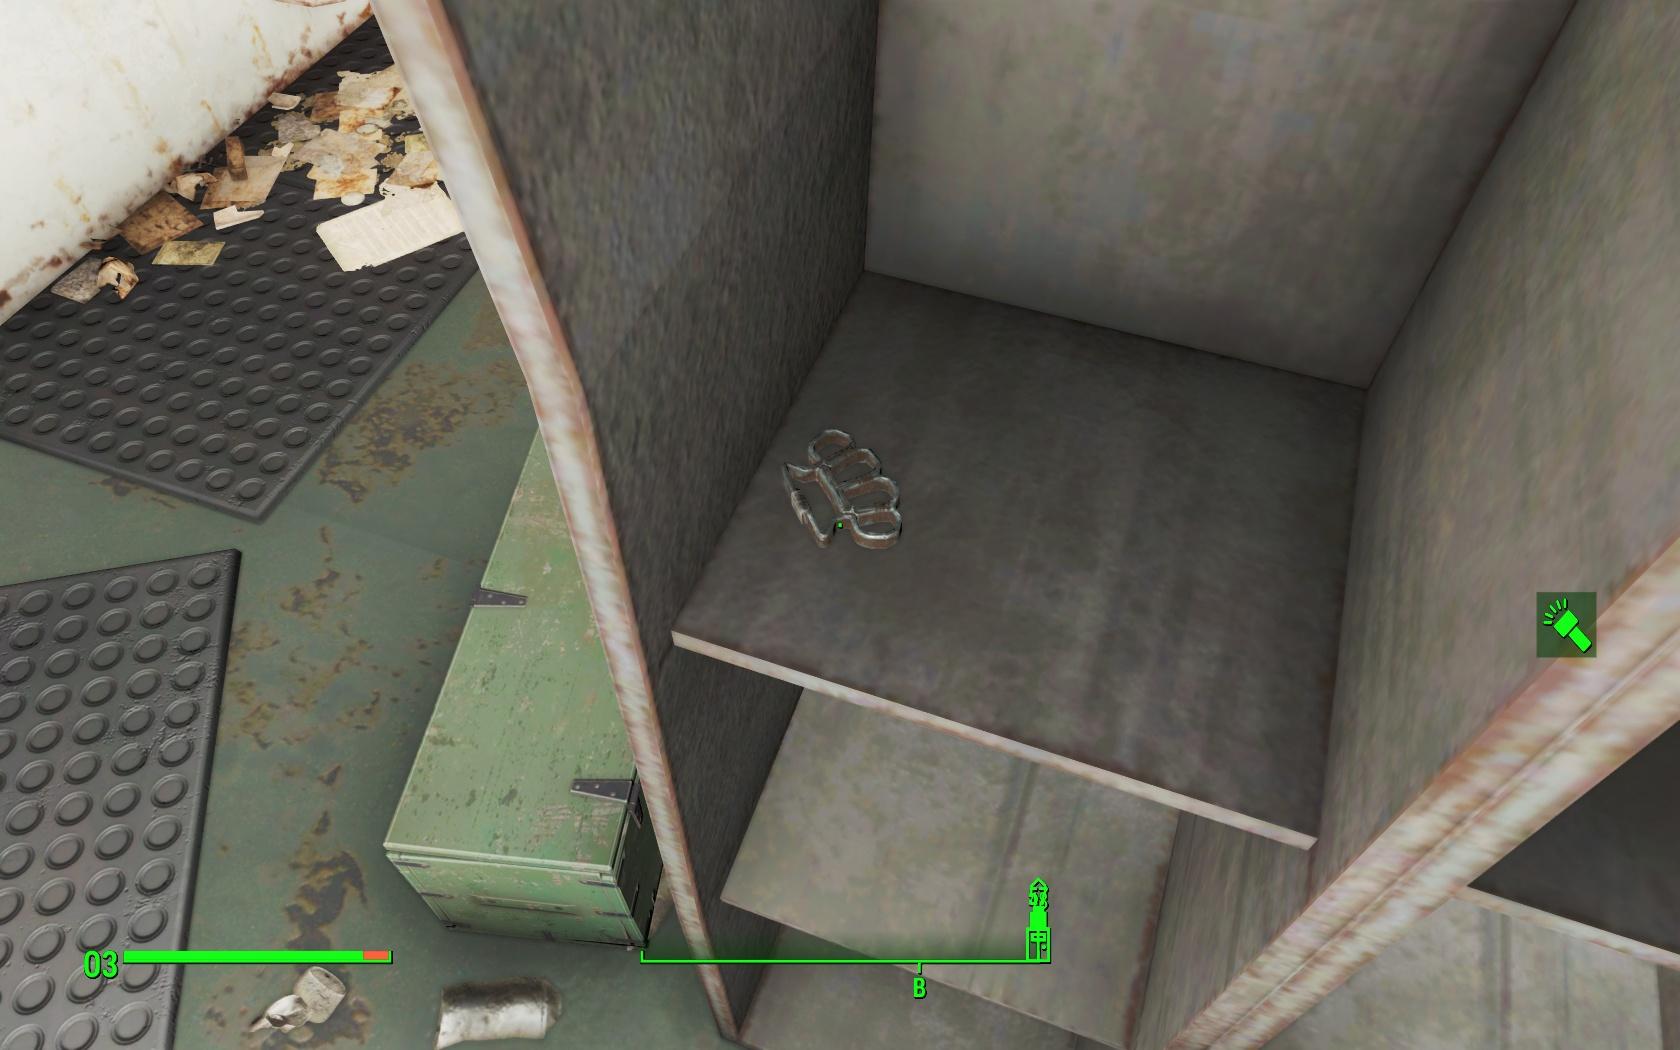 Недоступный кастет (подлодка Янцзы) - Fallout 4 Баг, Недоступный, подлодка, подлодка Янцзы, Янцзы